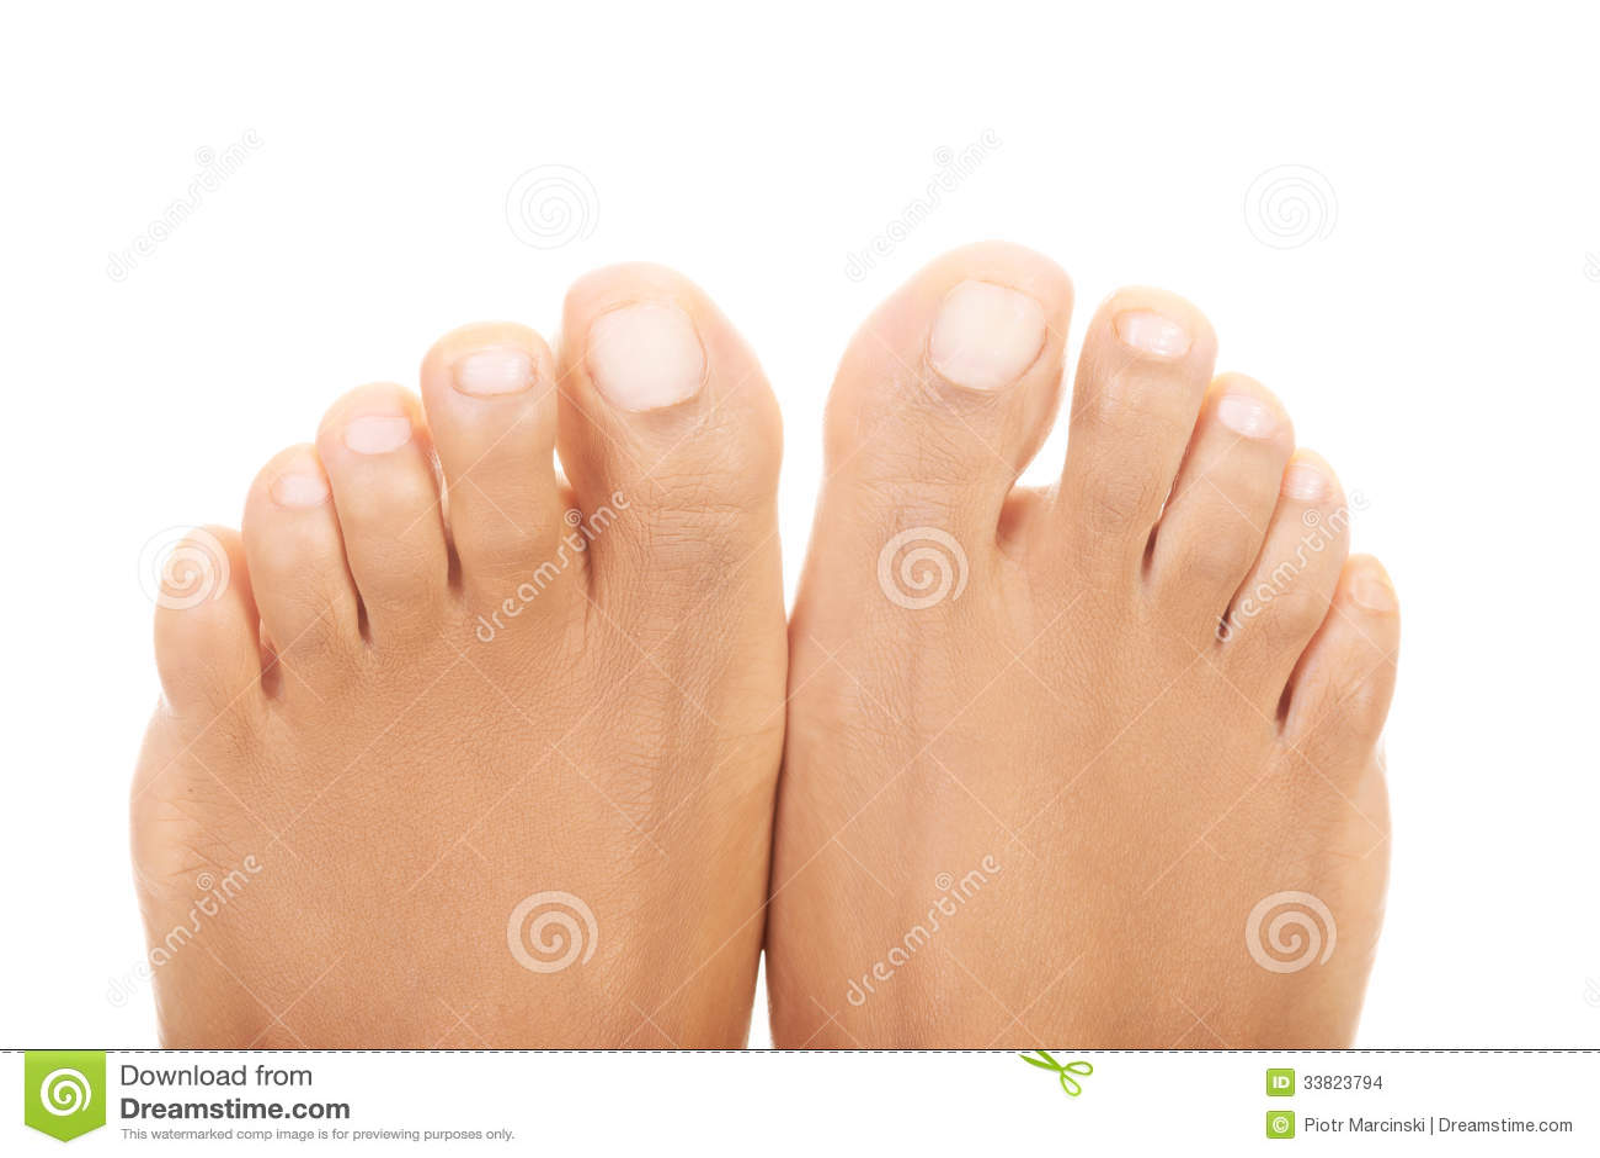 blanco dedos de los pies